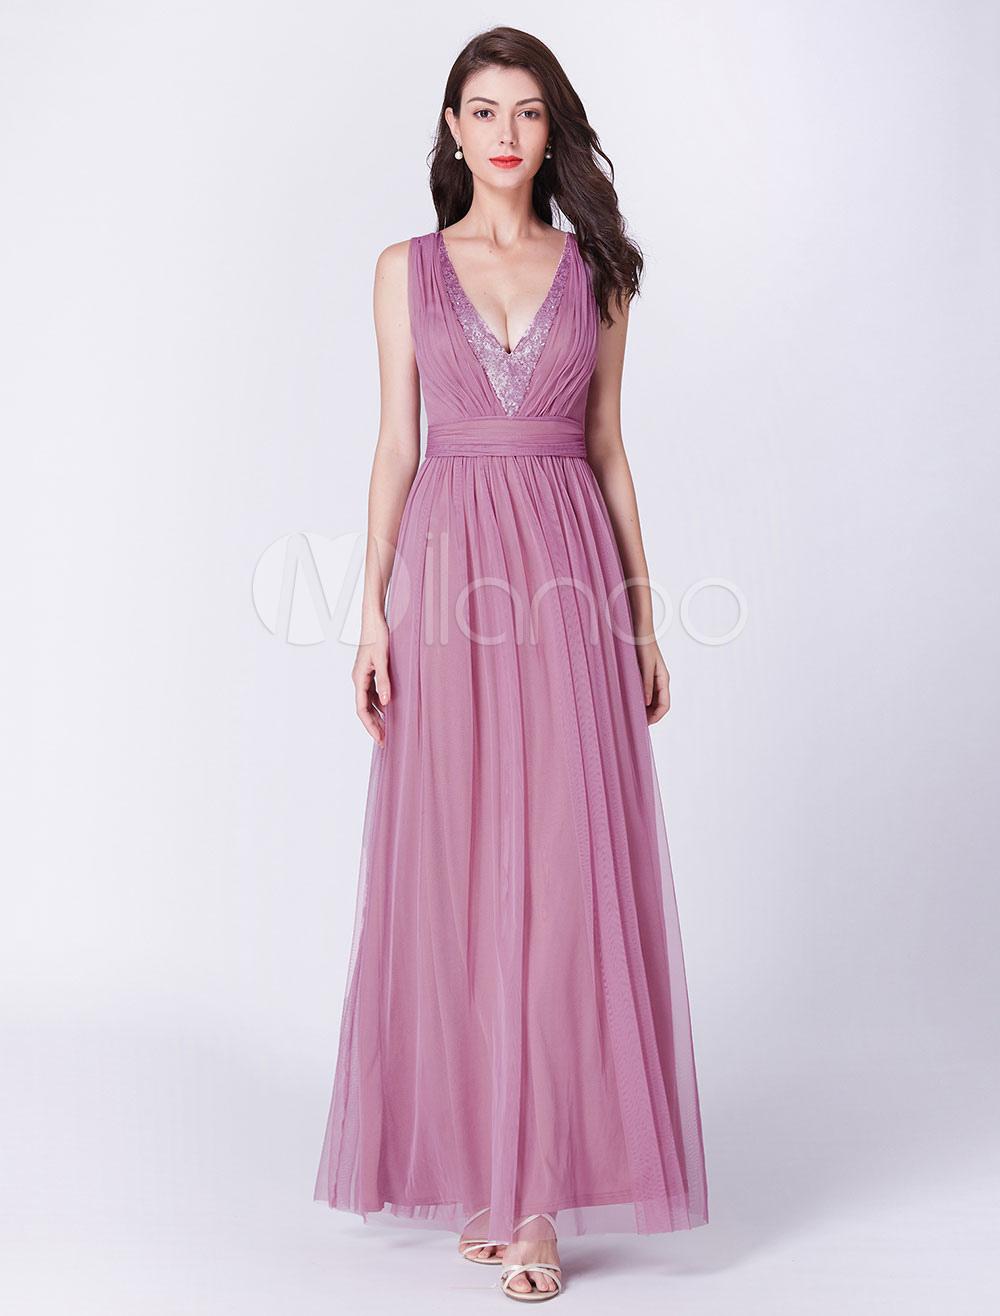 robes de bal roses robe de demoiselle d 39 honneur longue. Black Bedroom Furniture Sets. Home Design Ideas